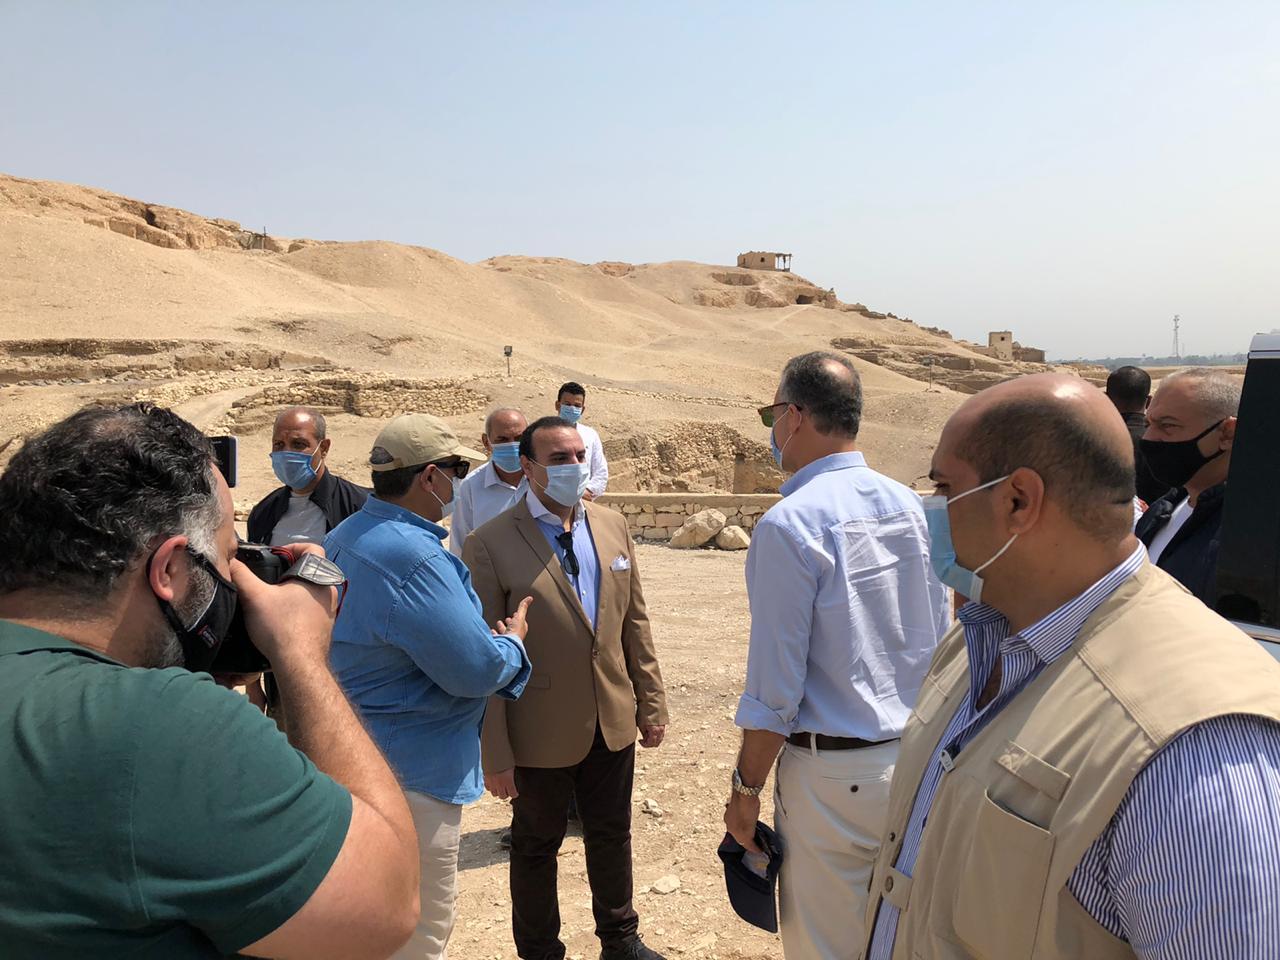 السفير الأمريكى بالقاهرة ونائب محافظ الأقصر يتفقدان مقابر ذراع أبو النجا  (8)